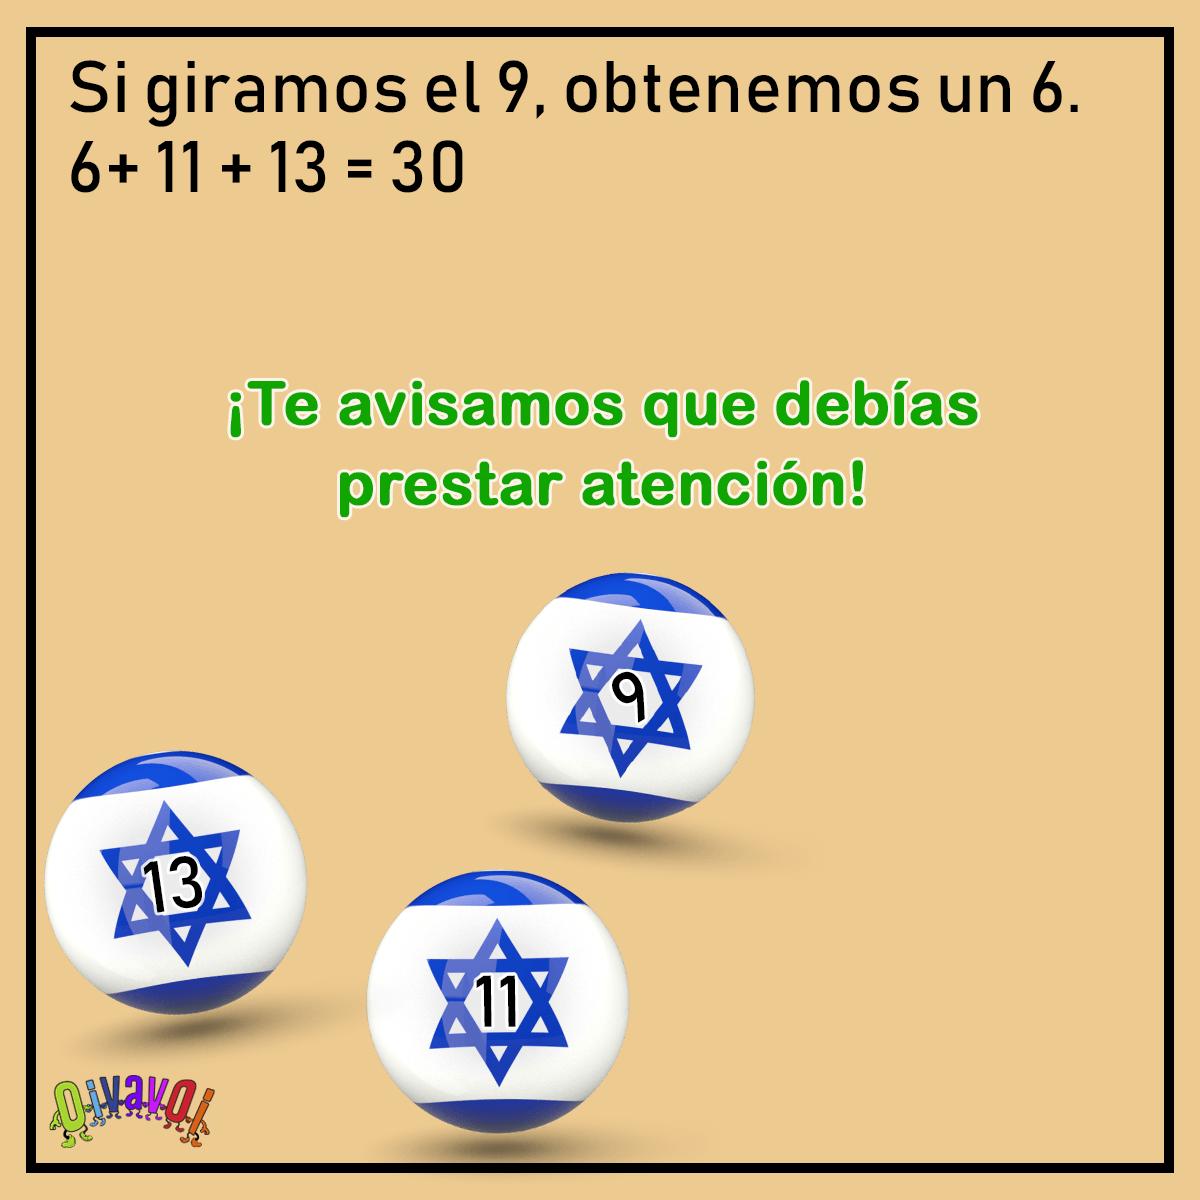 ¿Cómo sumar 30 con banderas de Israel?